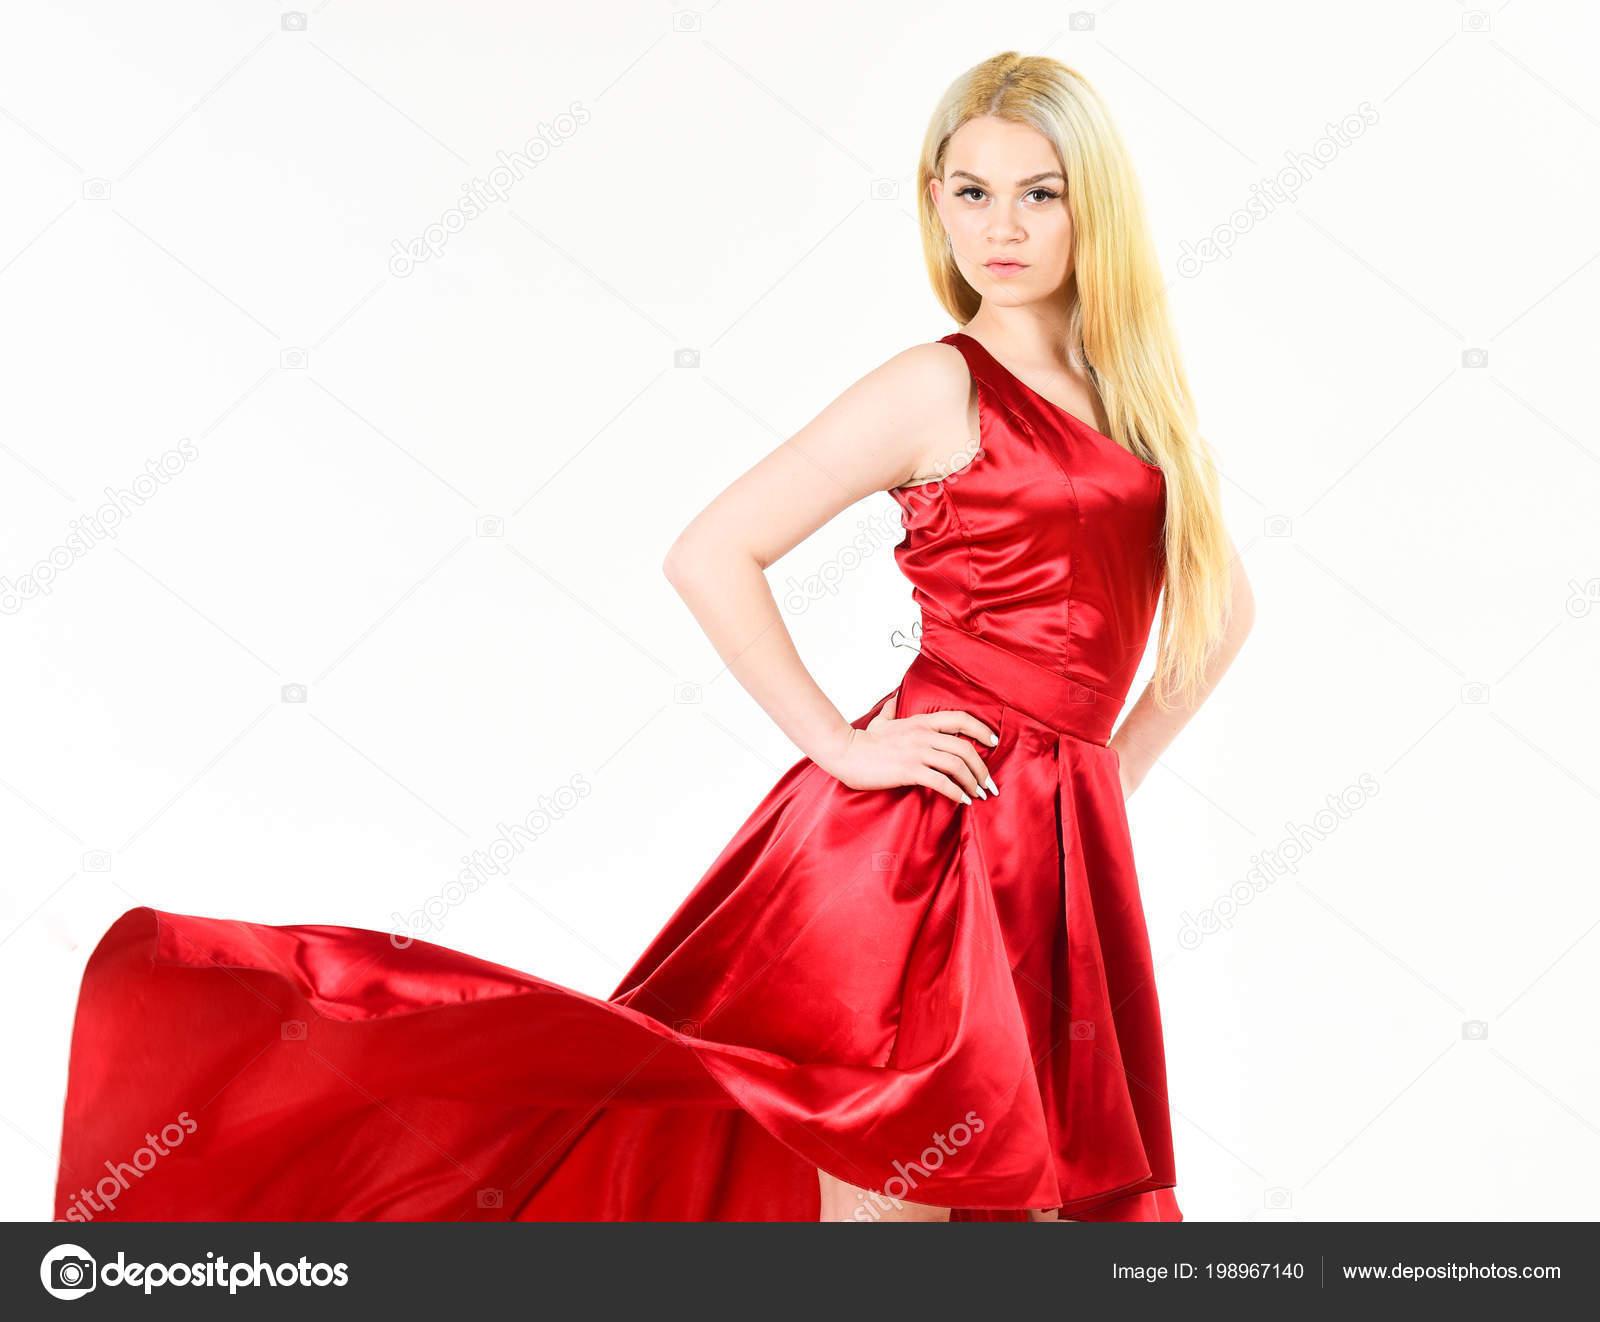 723f2018ac5c Леди вечернее платье, элегантный девушка в длинном платье с хвостом,  фотомодель изолирован на белом, красивые хорошо одетая девушка.